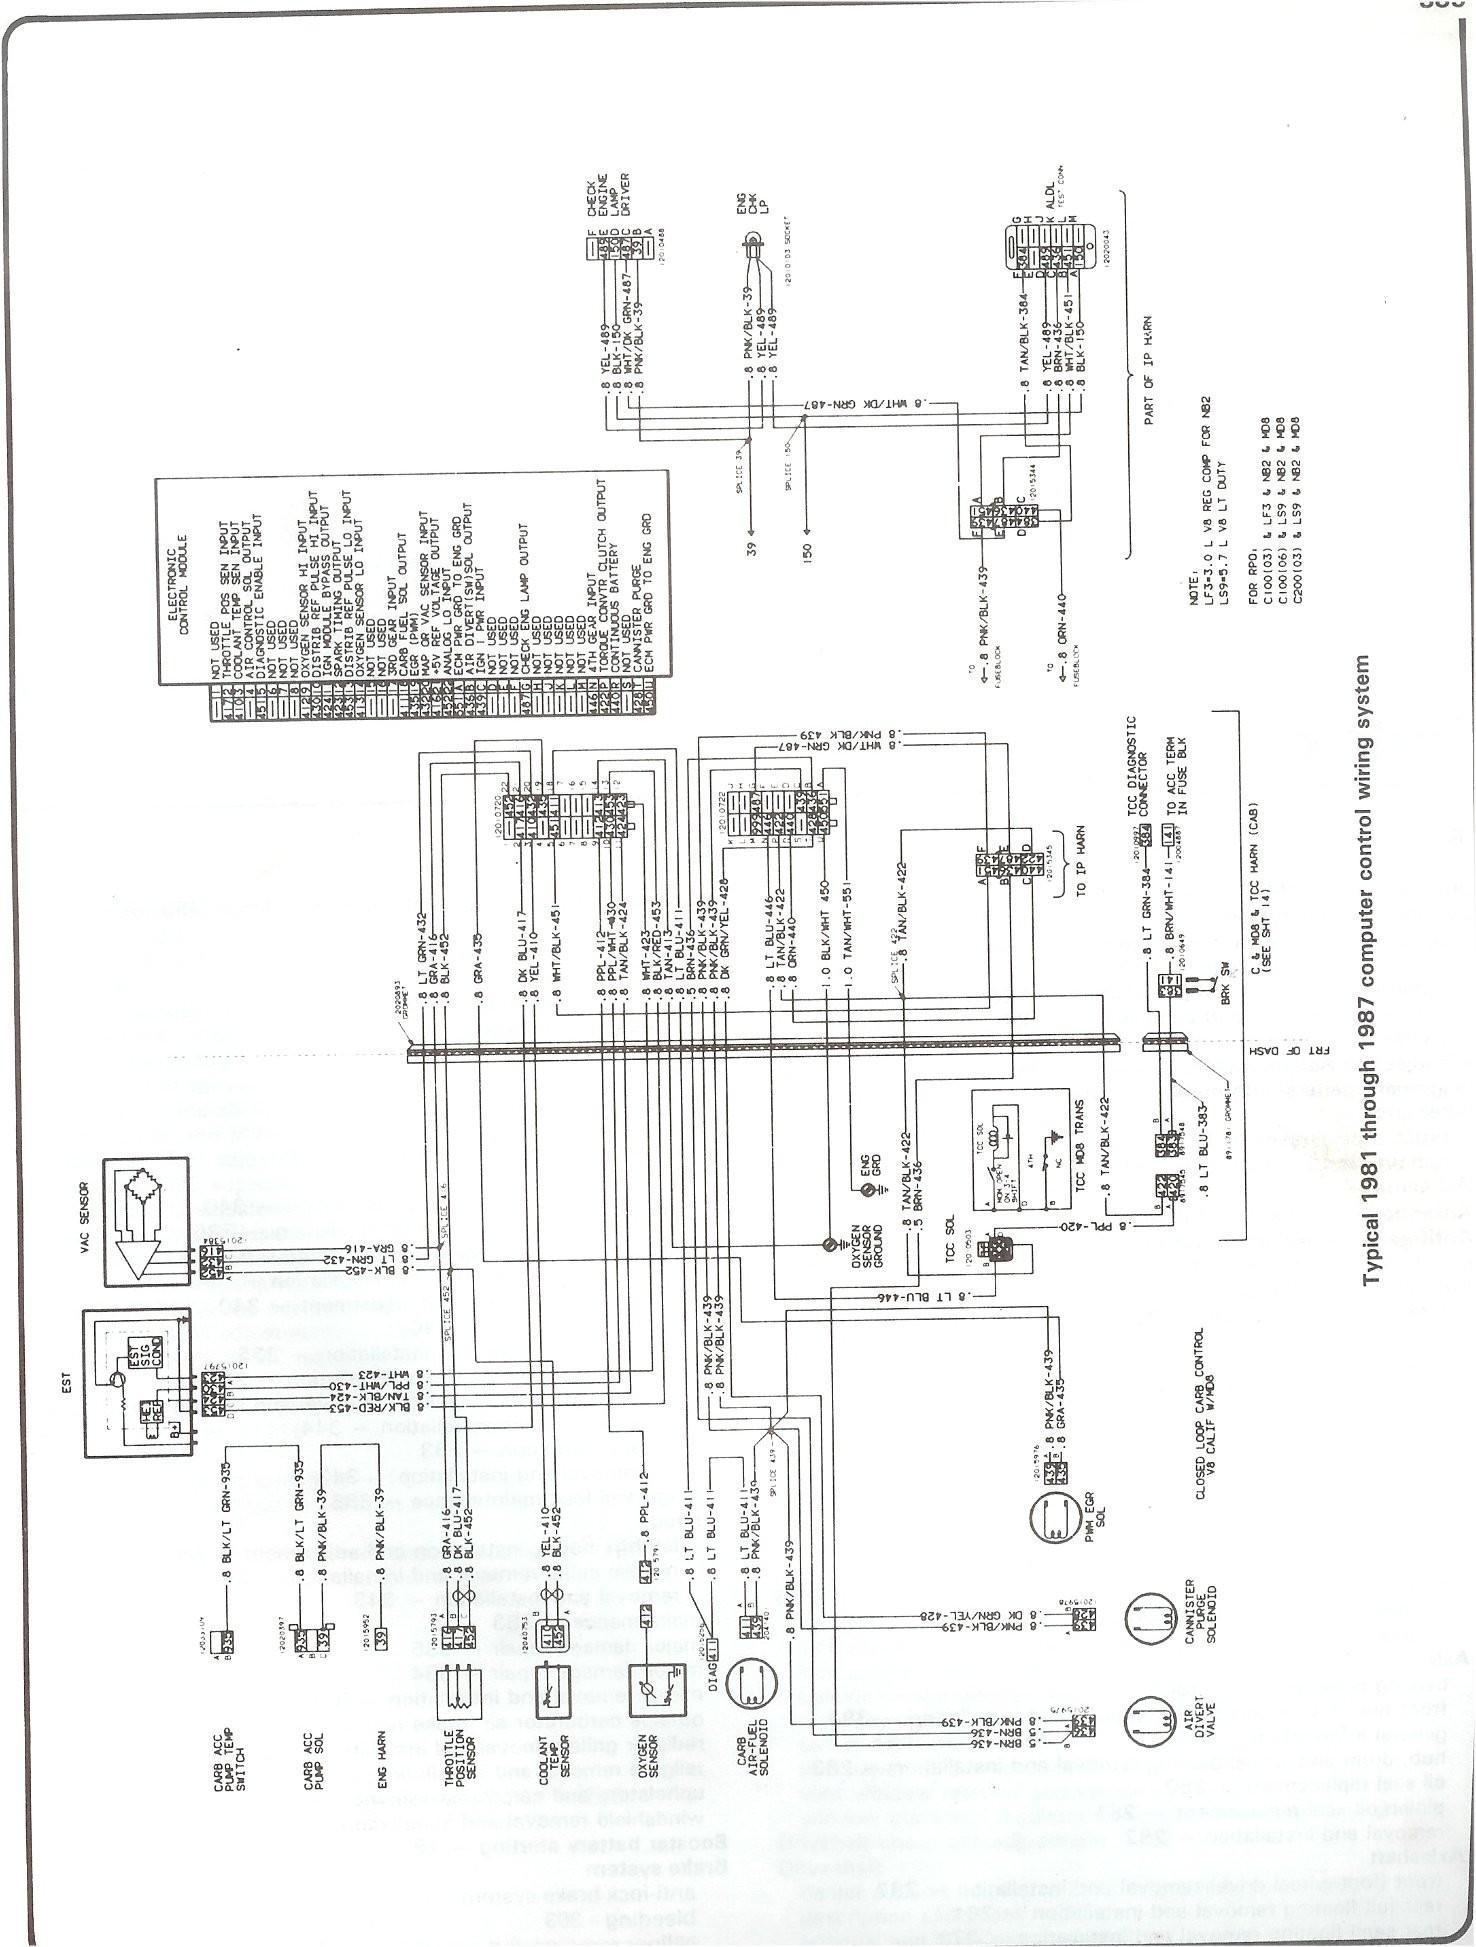 84 Chevy Silverado K20 solenoid Wiring Diagram Schematic 87 Gmc Sierra Fuse Box 3 Phase Pressor Wiring Harness Of 84 Chevy Silverado K20 solenoid Wiring Diagram Schematic